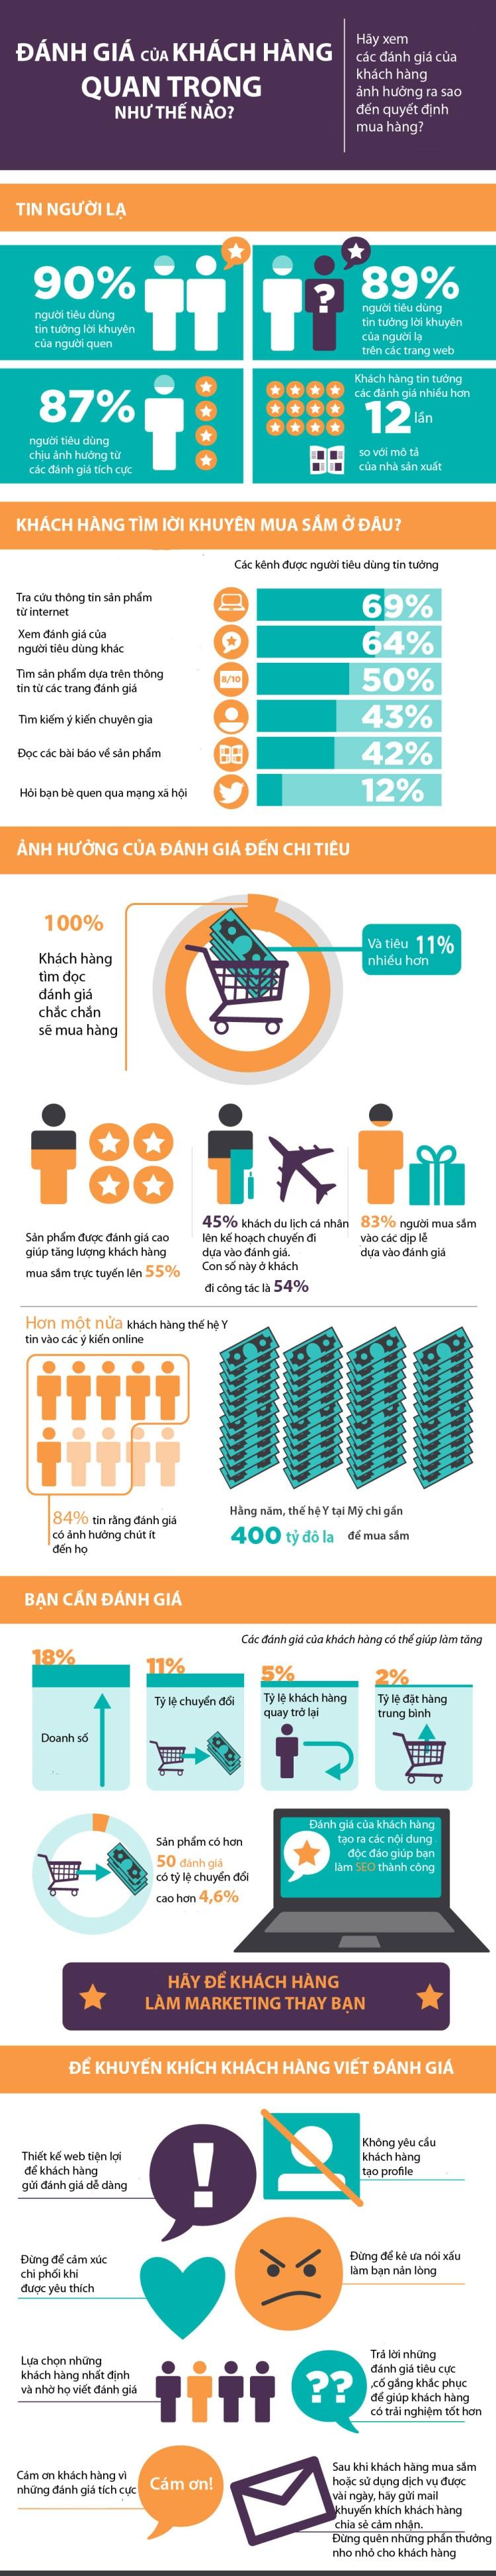 Điều gì ảnh hưởng đến quyết định mua hàng của người tiêu dùng?